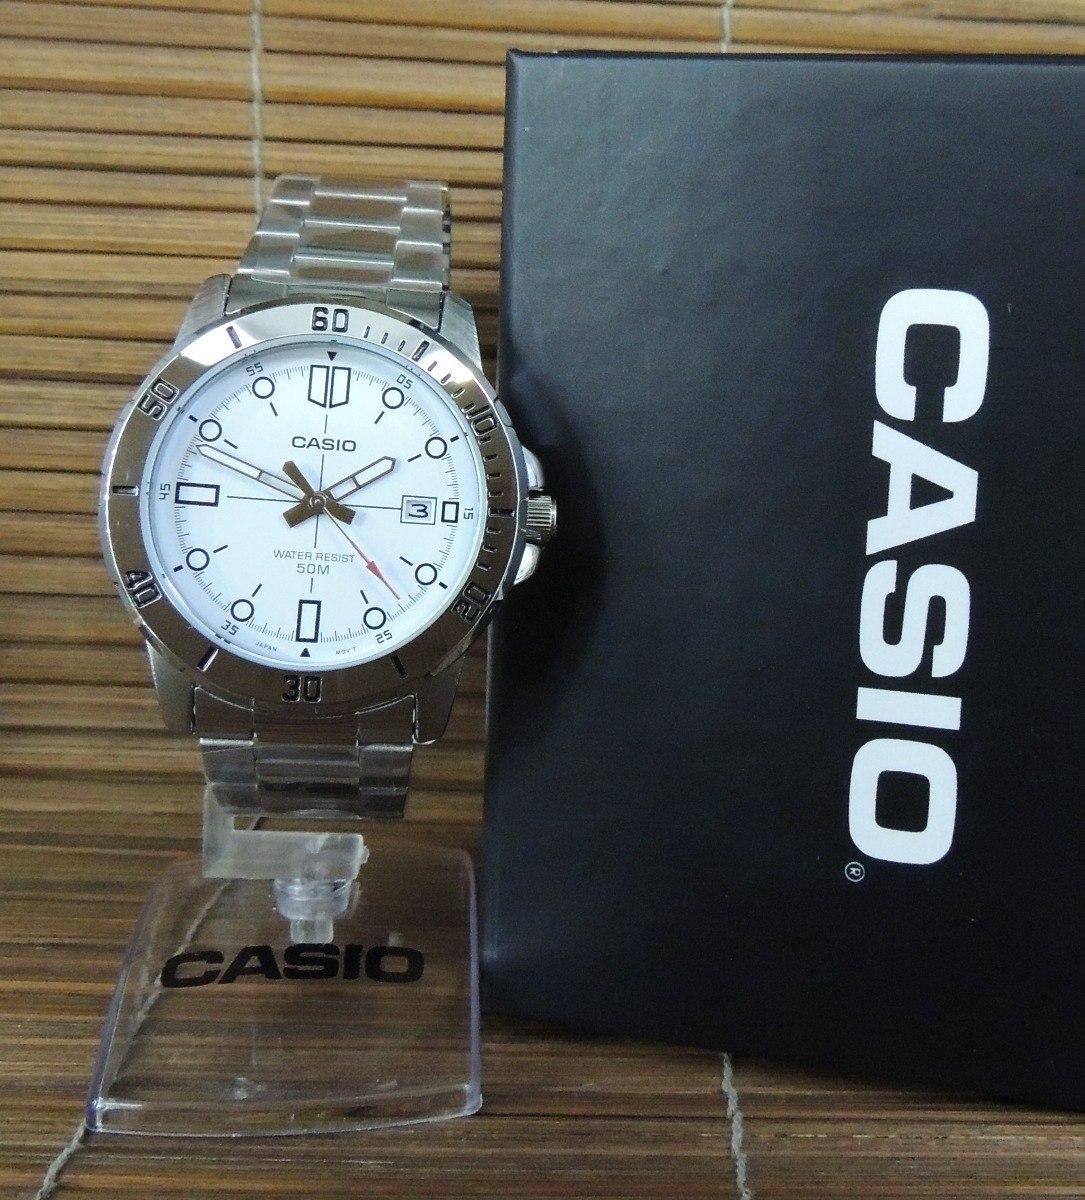 79c6f907f62 lançamento relógio masculino casio mtp-vd01d-7evudf (nf). Carregando zoom.